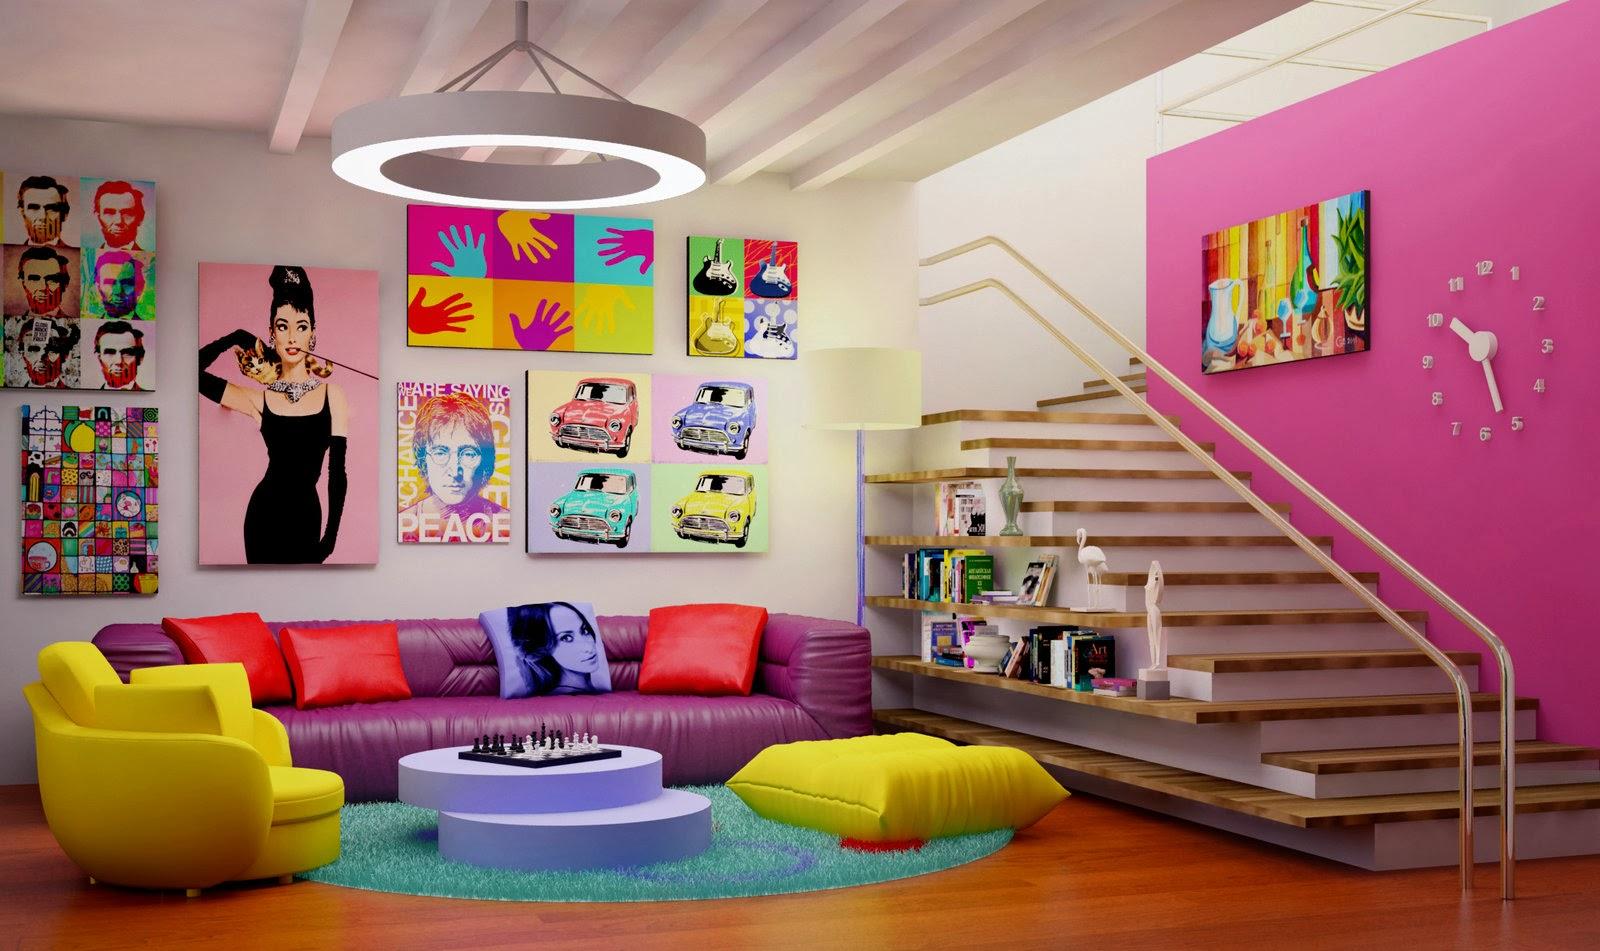 fernanda aprendiz de arquiteta o estilo pop art decora o com irrever ncia. Black Bedroom Furniture Sets. Home Design Ideas